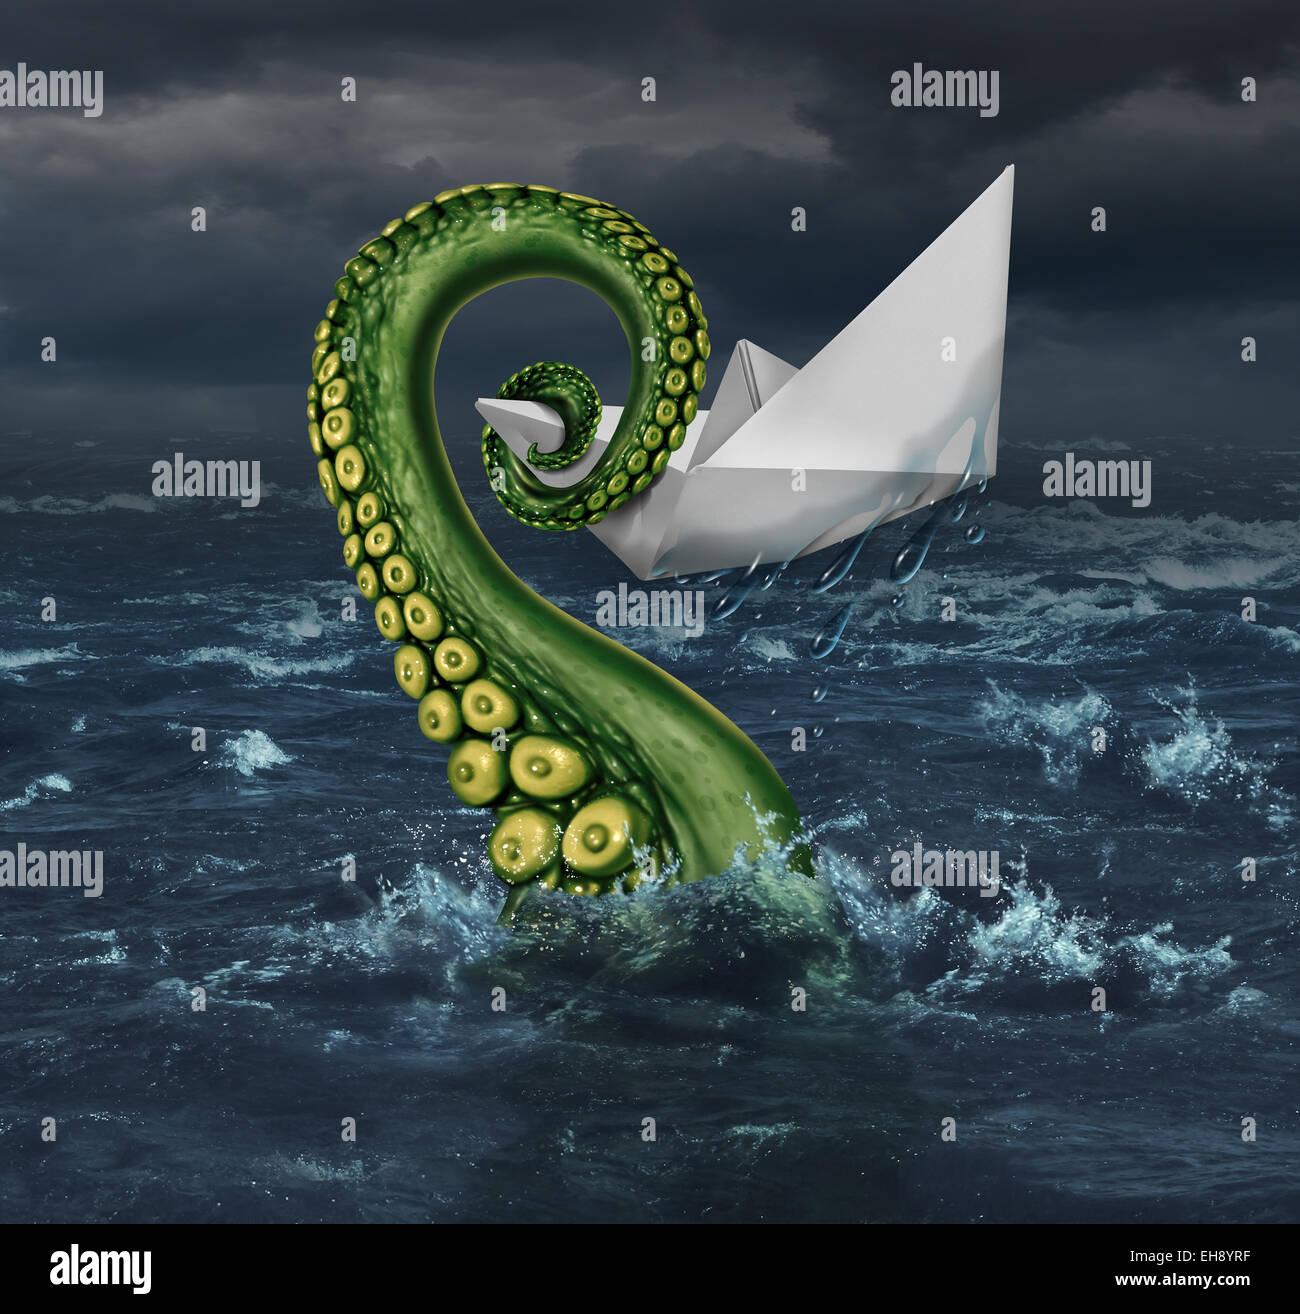 Des problèmes d'affaires et financier comme un concept piège origami papier bateau dans une mer agitée Photo Stock